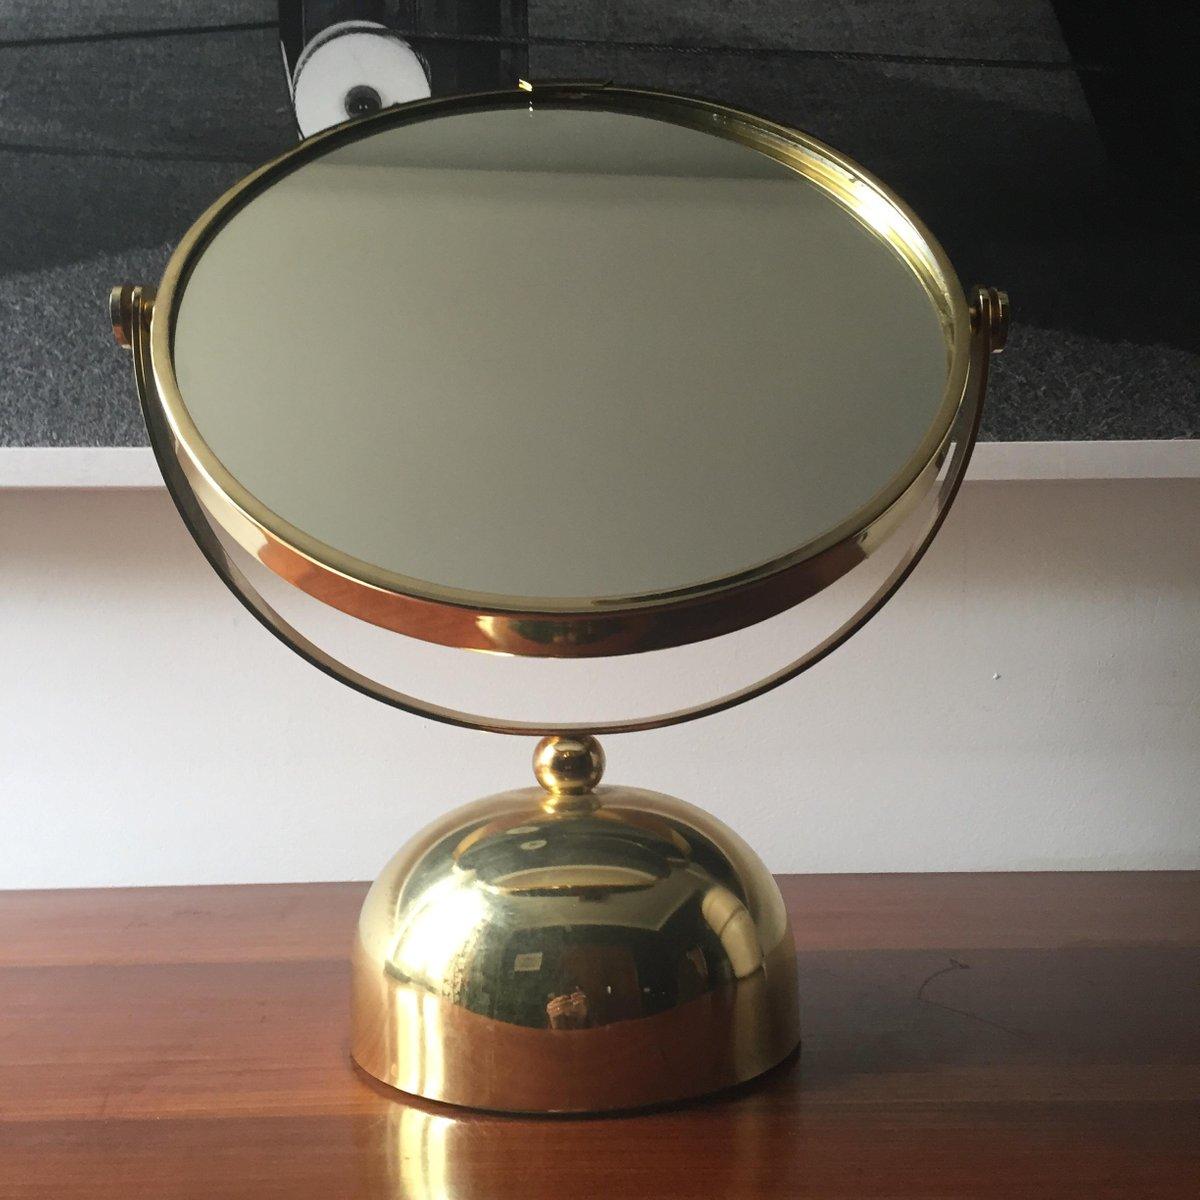 Specchio italiano in ottone anni 39 60 in vendita su pamono for A specchio in inglese